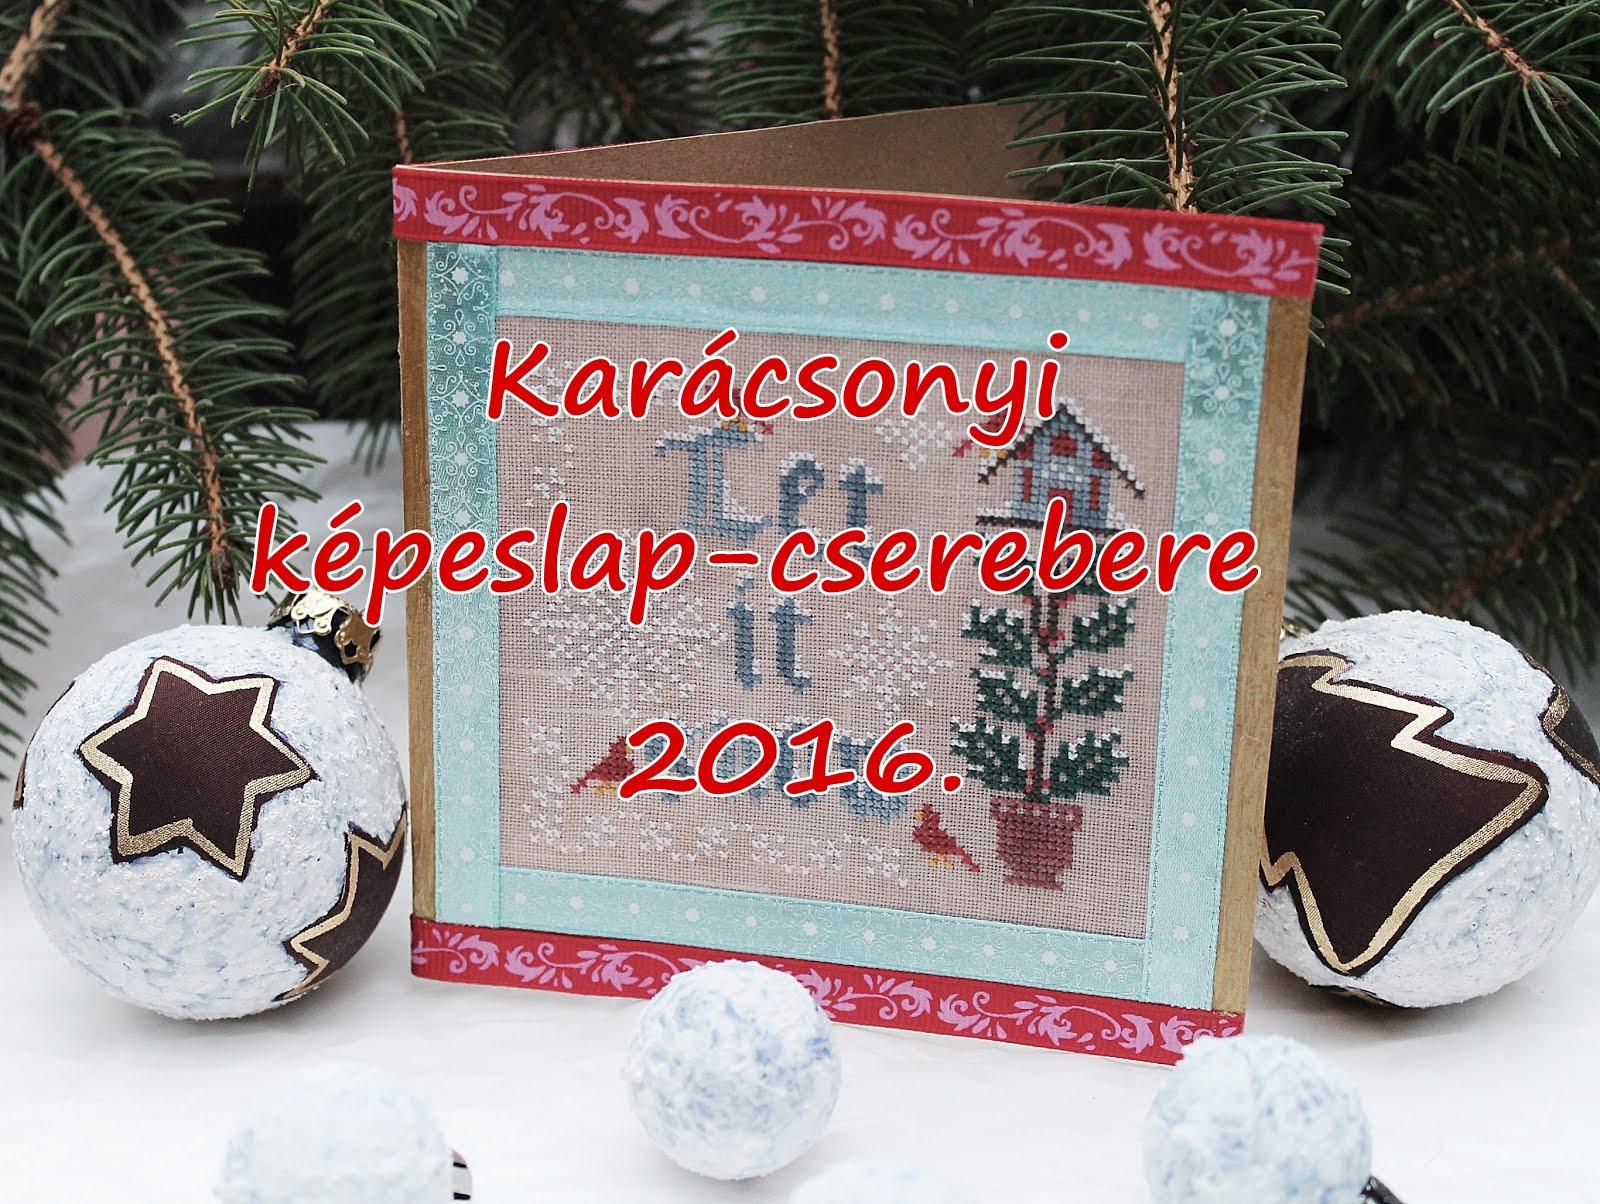 Karácsonyi képeslap-cserebere 2016.